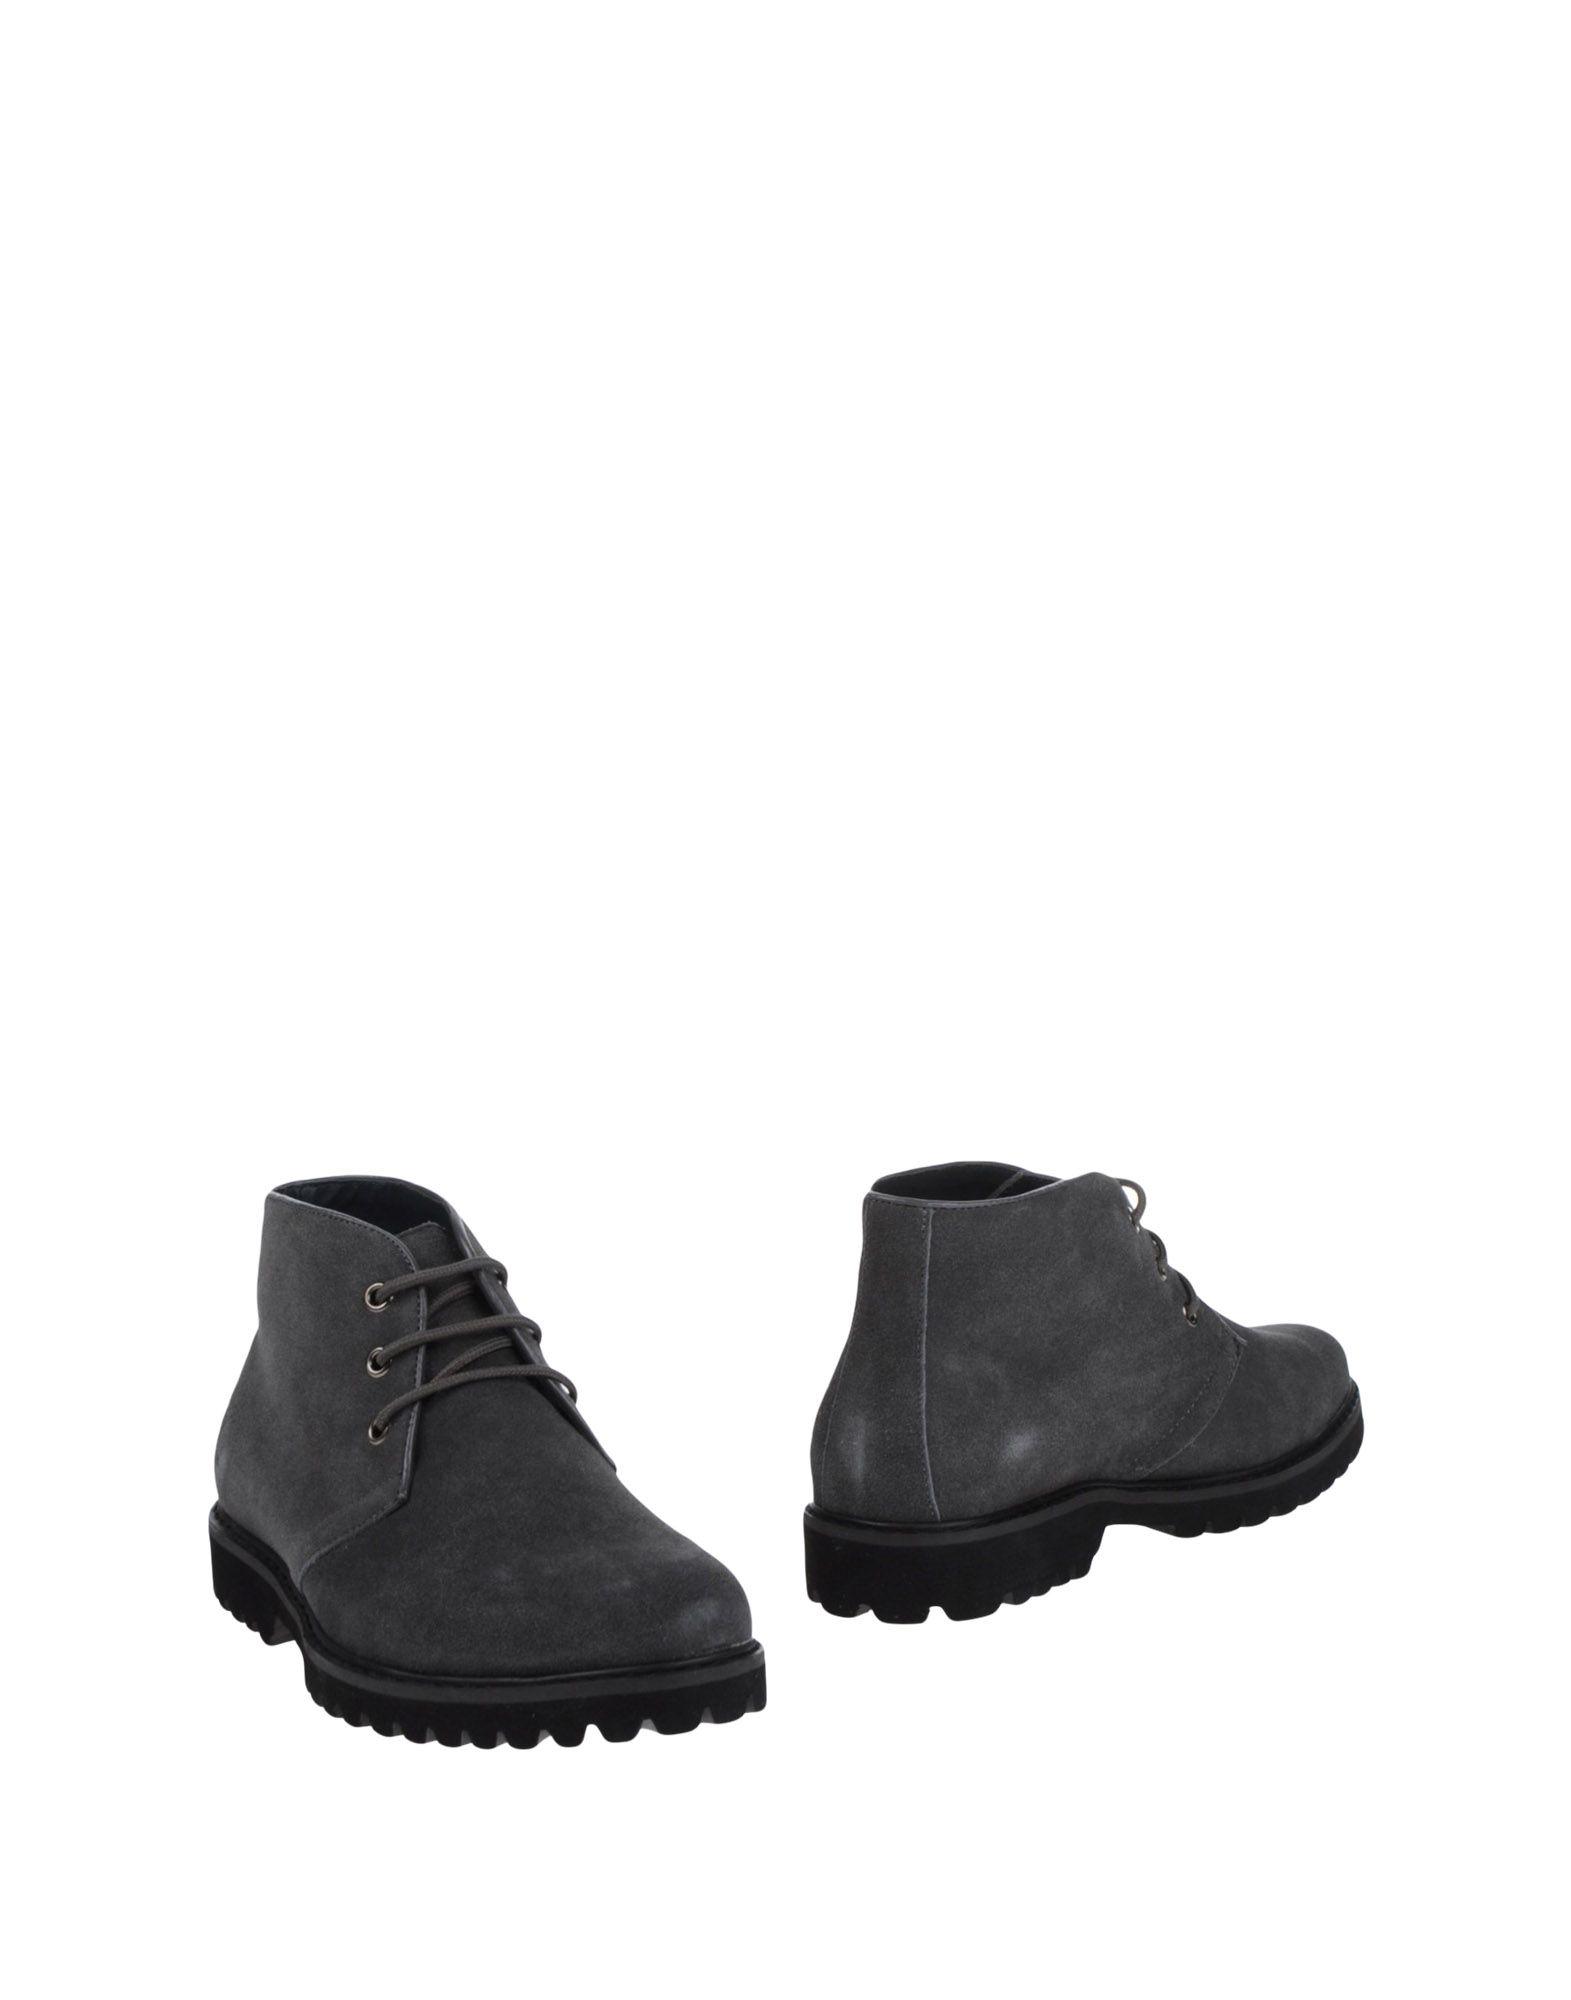 Rabatt Cotton's echte Schuhe Henry Cotton's Rabatt Stiefelette Herren  11264184ME 8b1528